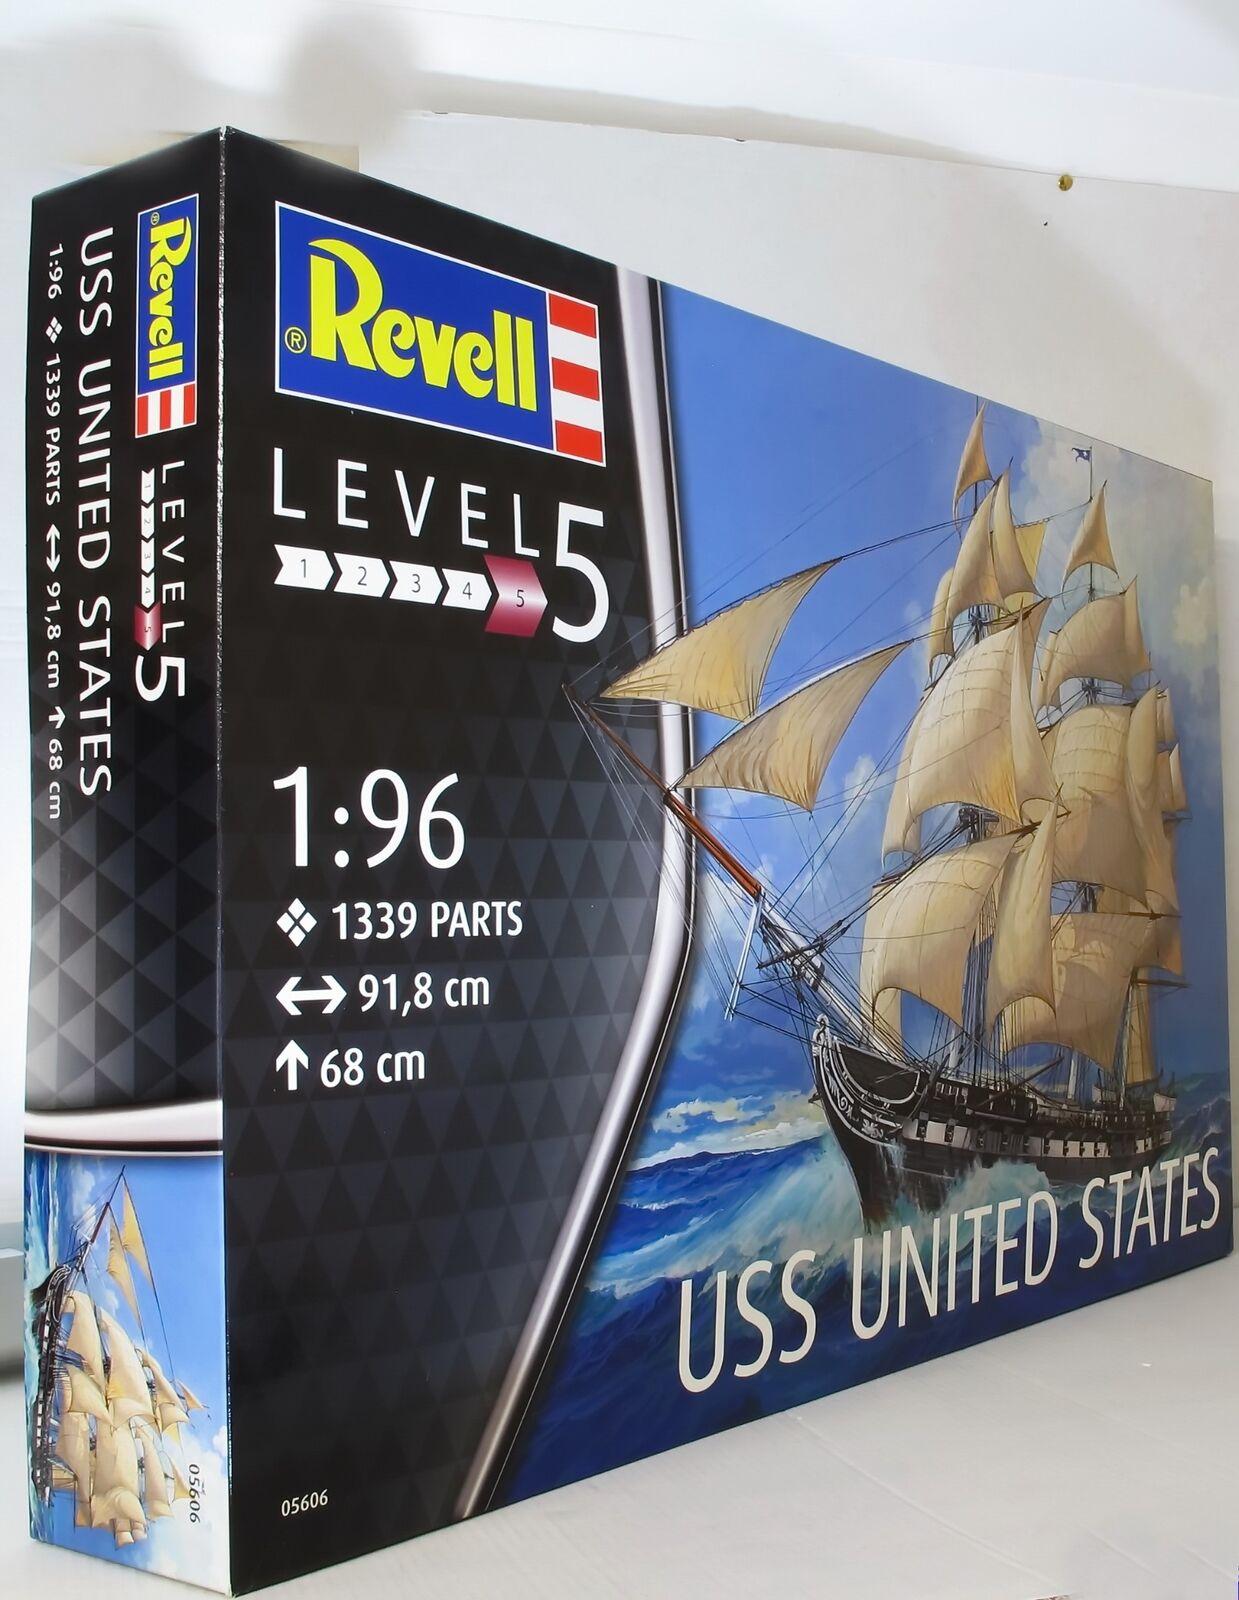 Revell 1 96 05606 USS United States Model Ship Kit